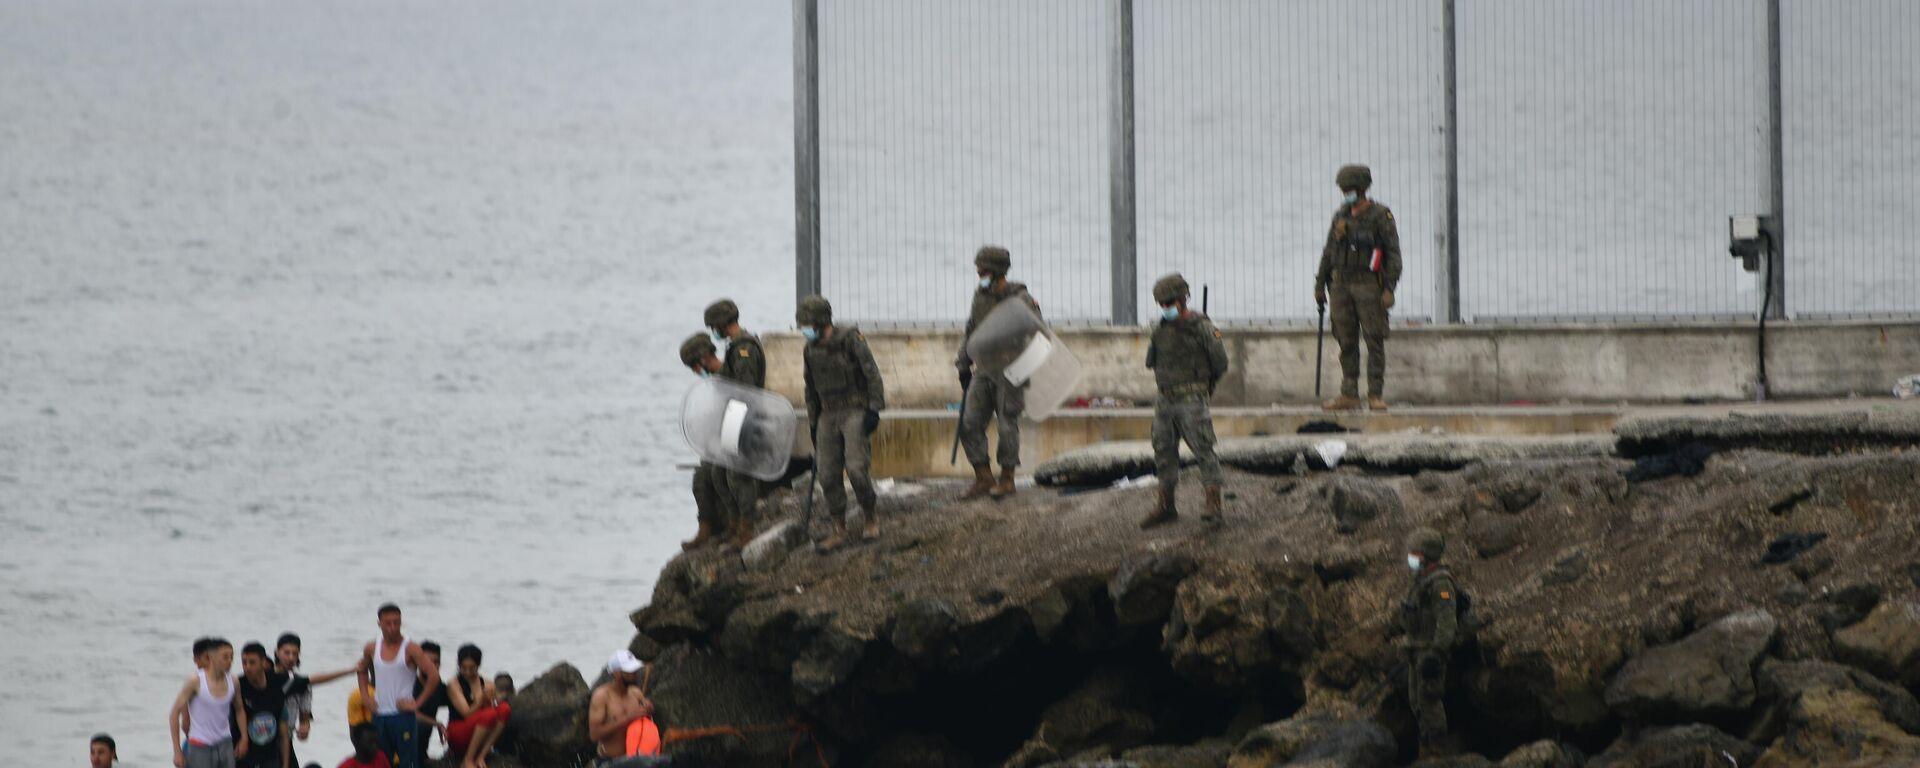 Militares del ejército español vigilan durante las devoluciones en caliente que están efectuando a los migrantes que han entrado en Ceuta procedente de Marruecos - Sputnik Mundo, 1920, 19.05.2021